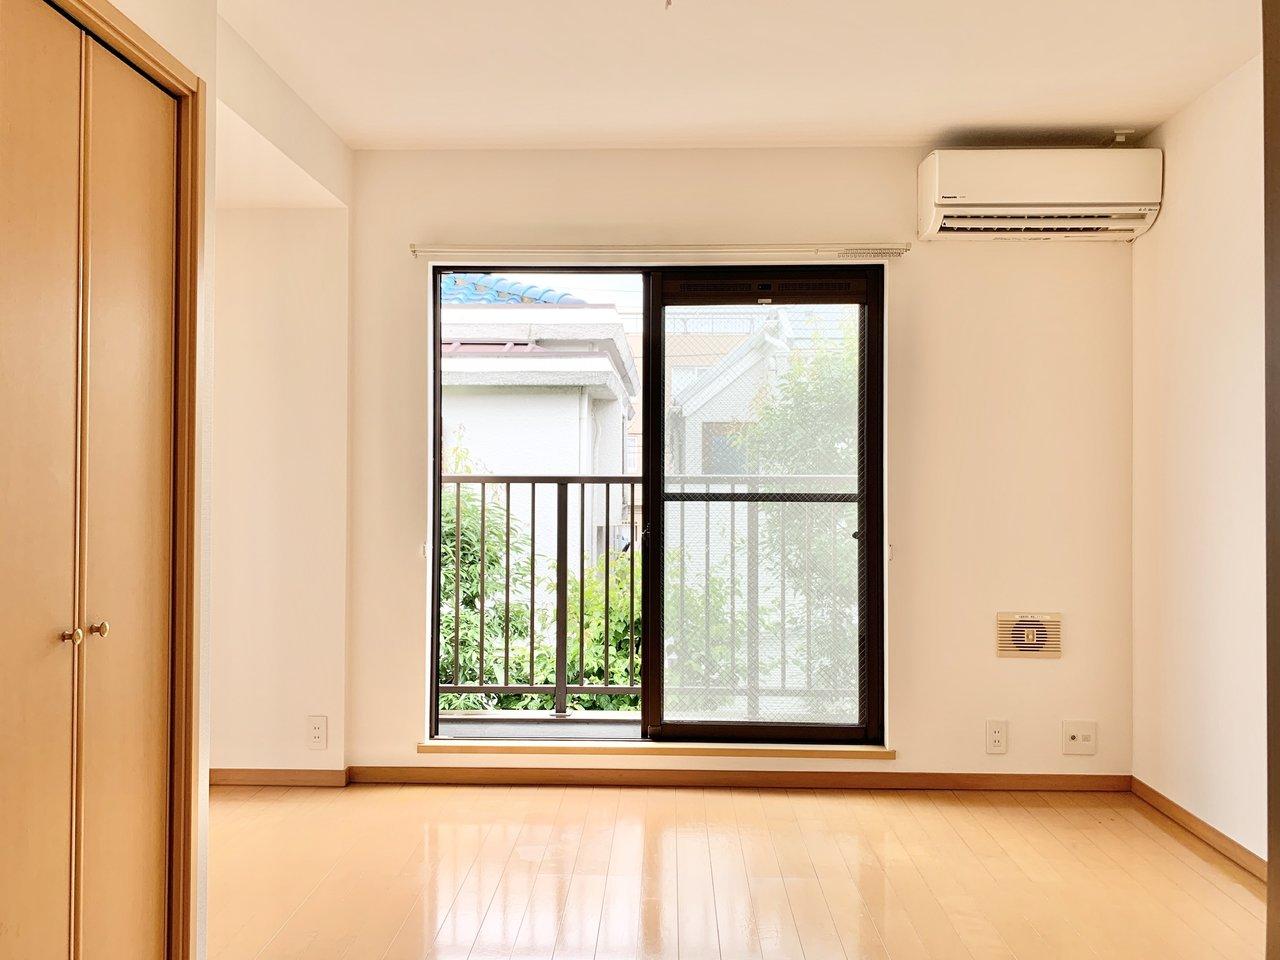 そんな駒沢大学駅のおすすめのお部屋は、1DKタイプのお部屋。風通しが良く、気持ちのいいお部屋です。